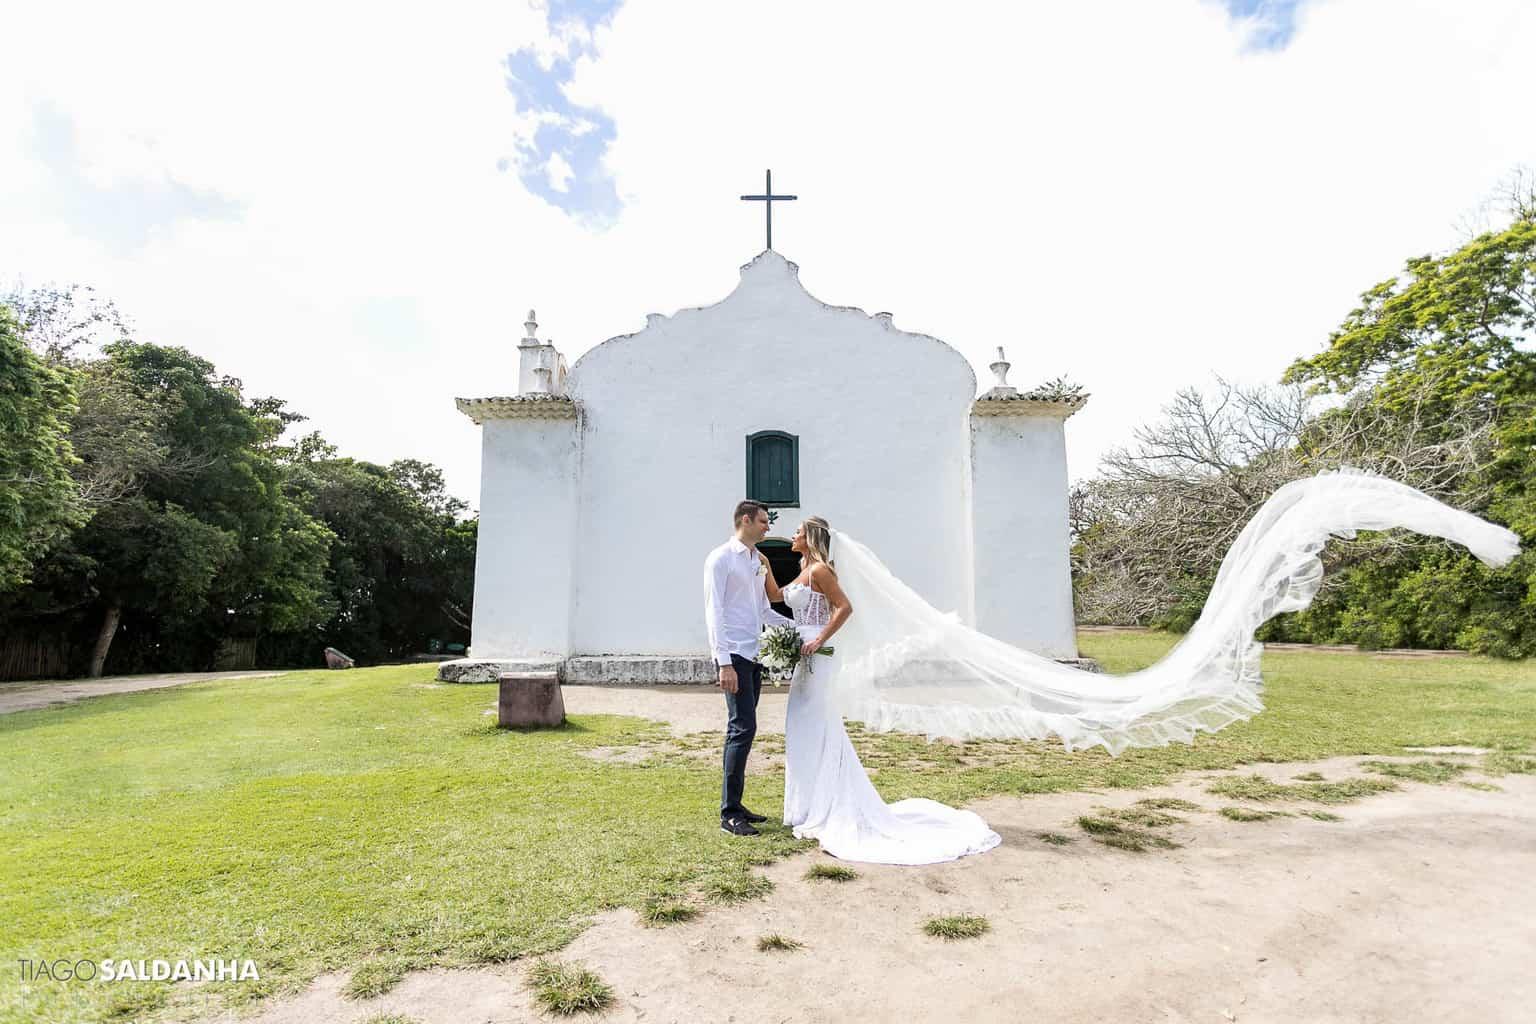 Casamento-Chandrélin-e-Laureano-cerimonia-na-igreja-Chan-e-Lau-foto-do-casal-Igreja-do-Quadrado-Trancoso5